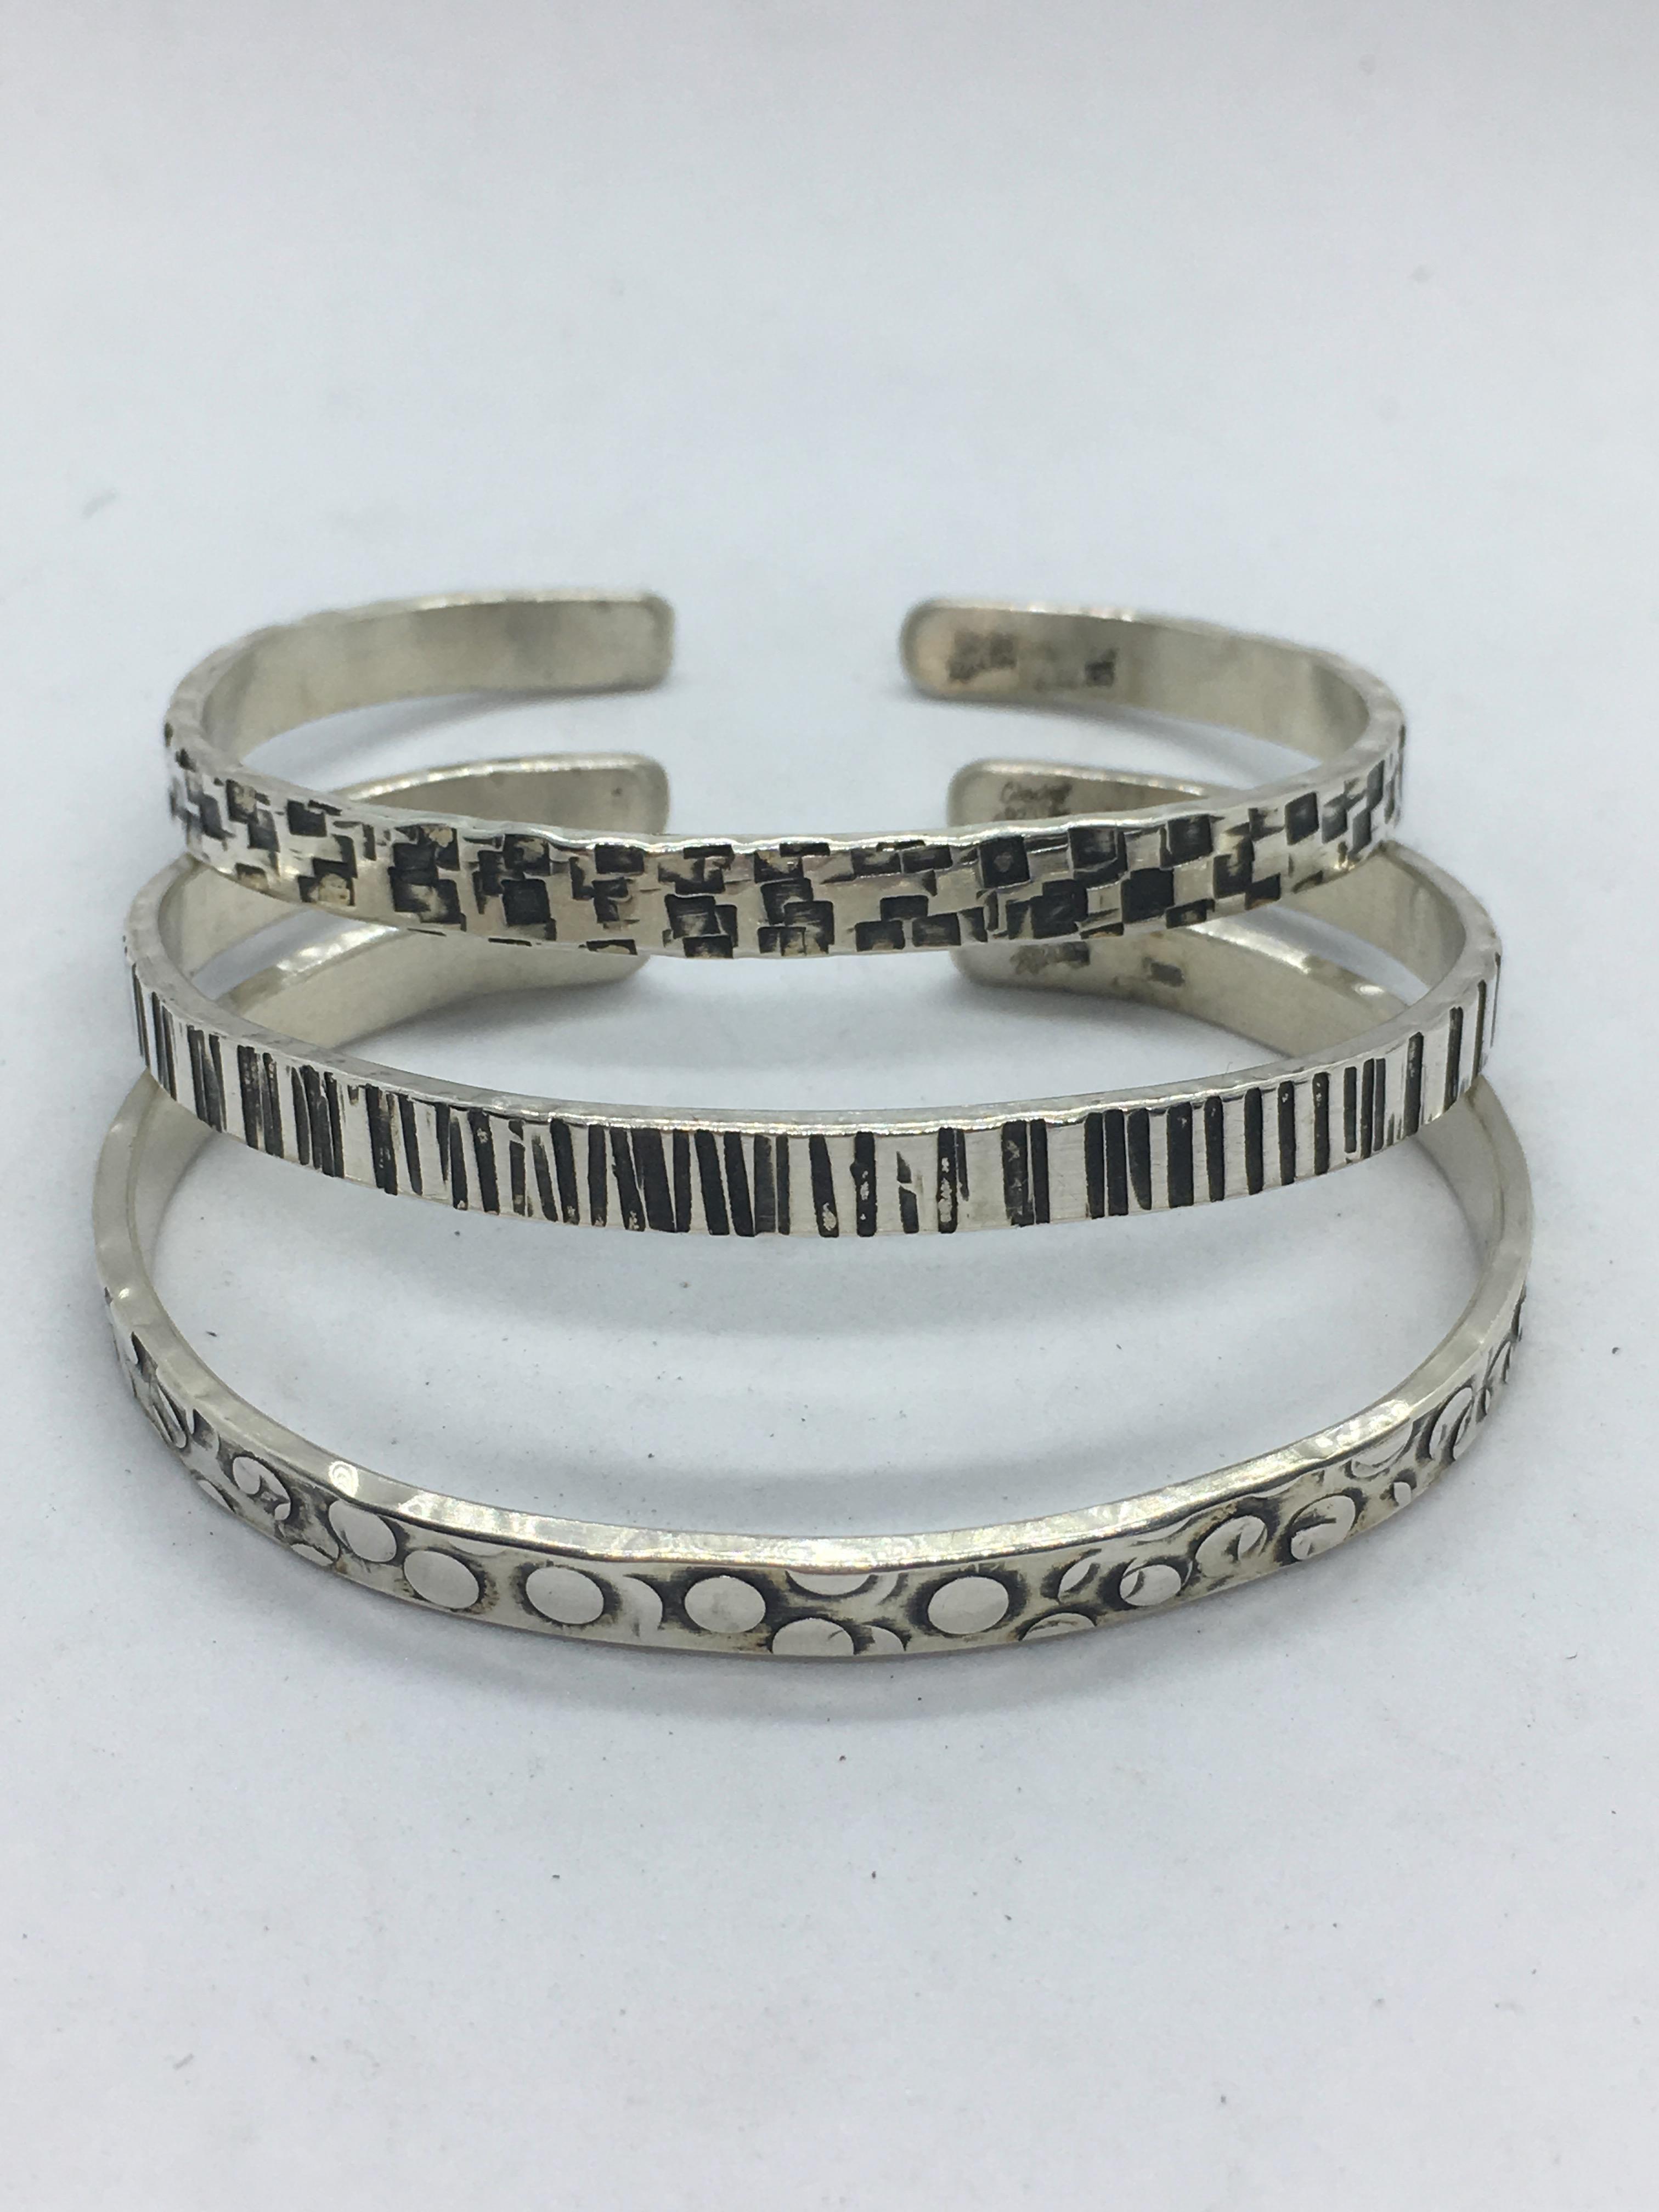 Textured silver cuffs